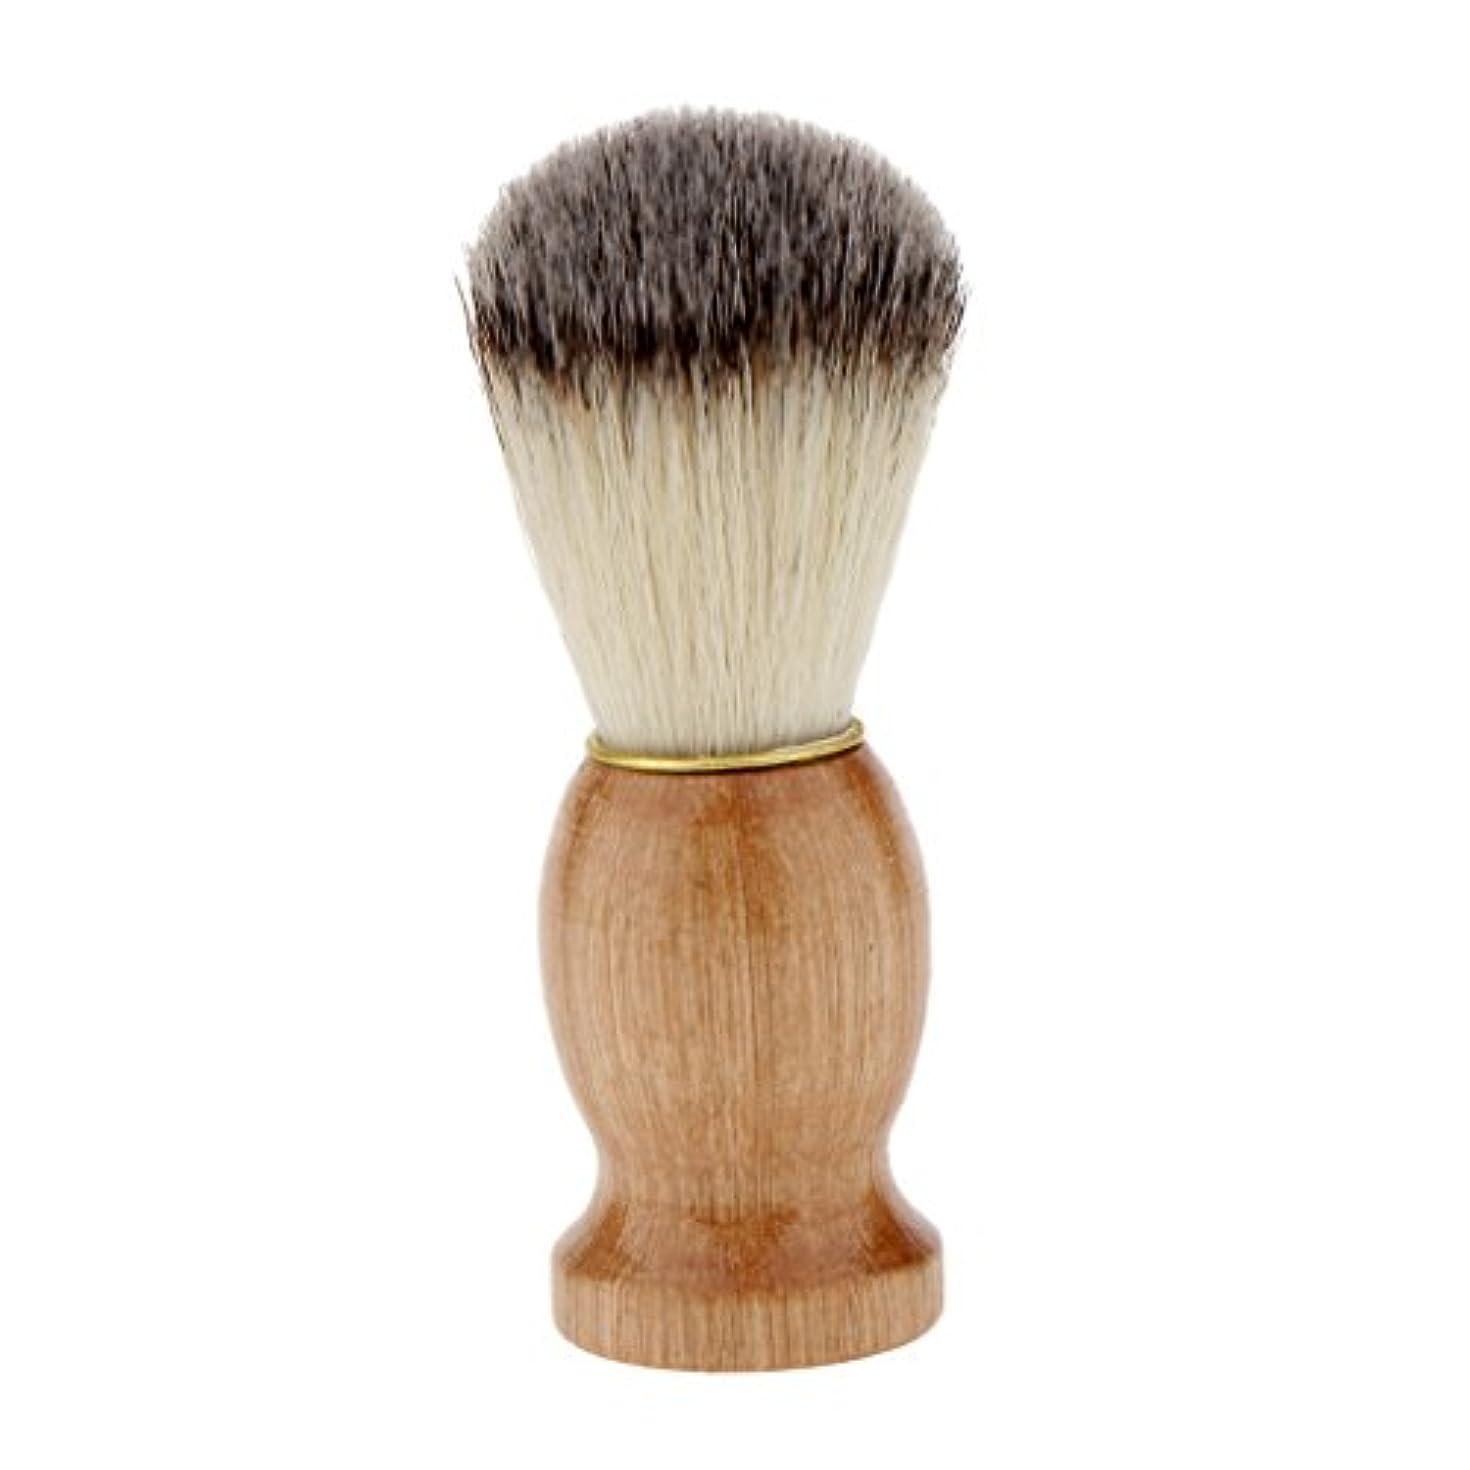 ウミウシくしゃくしゃボンドシェービングブラシ コスメブラシ 木製ハンドル メンズ ひげ剃りブラシ クレンジング